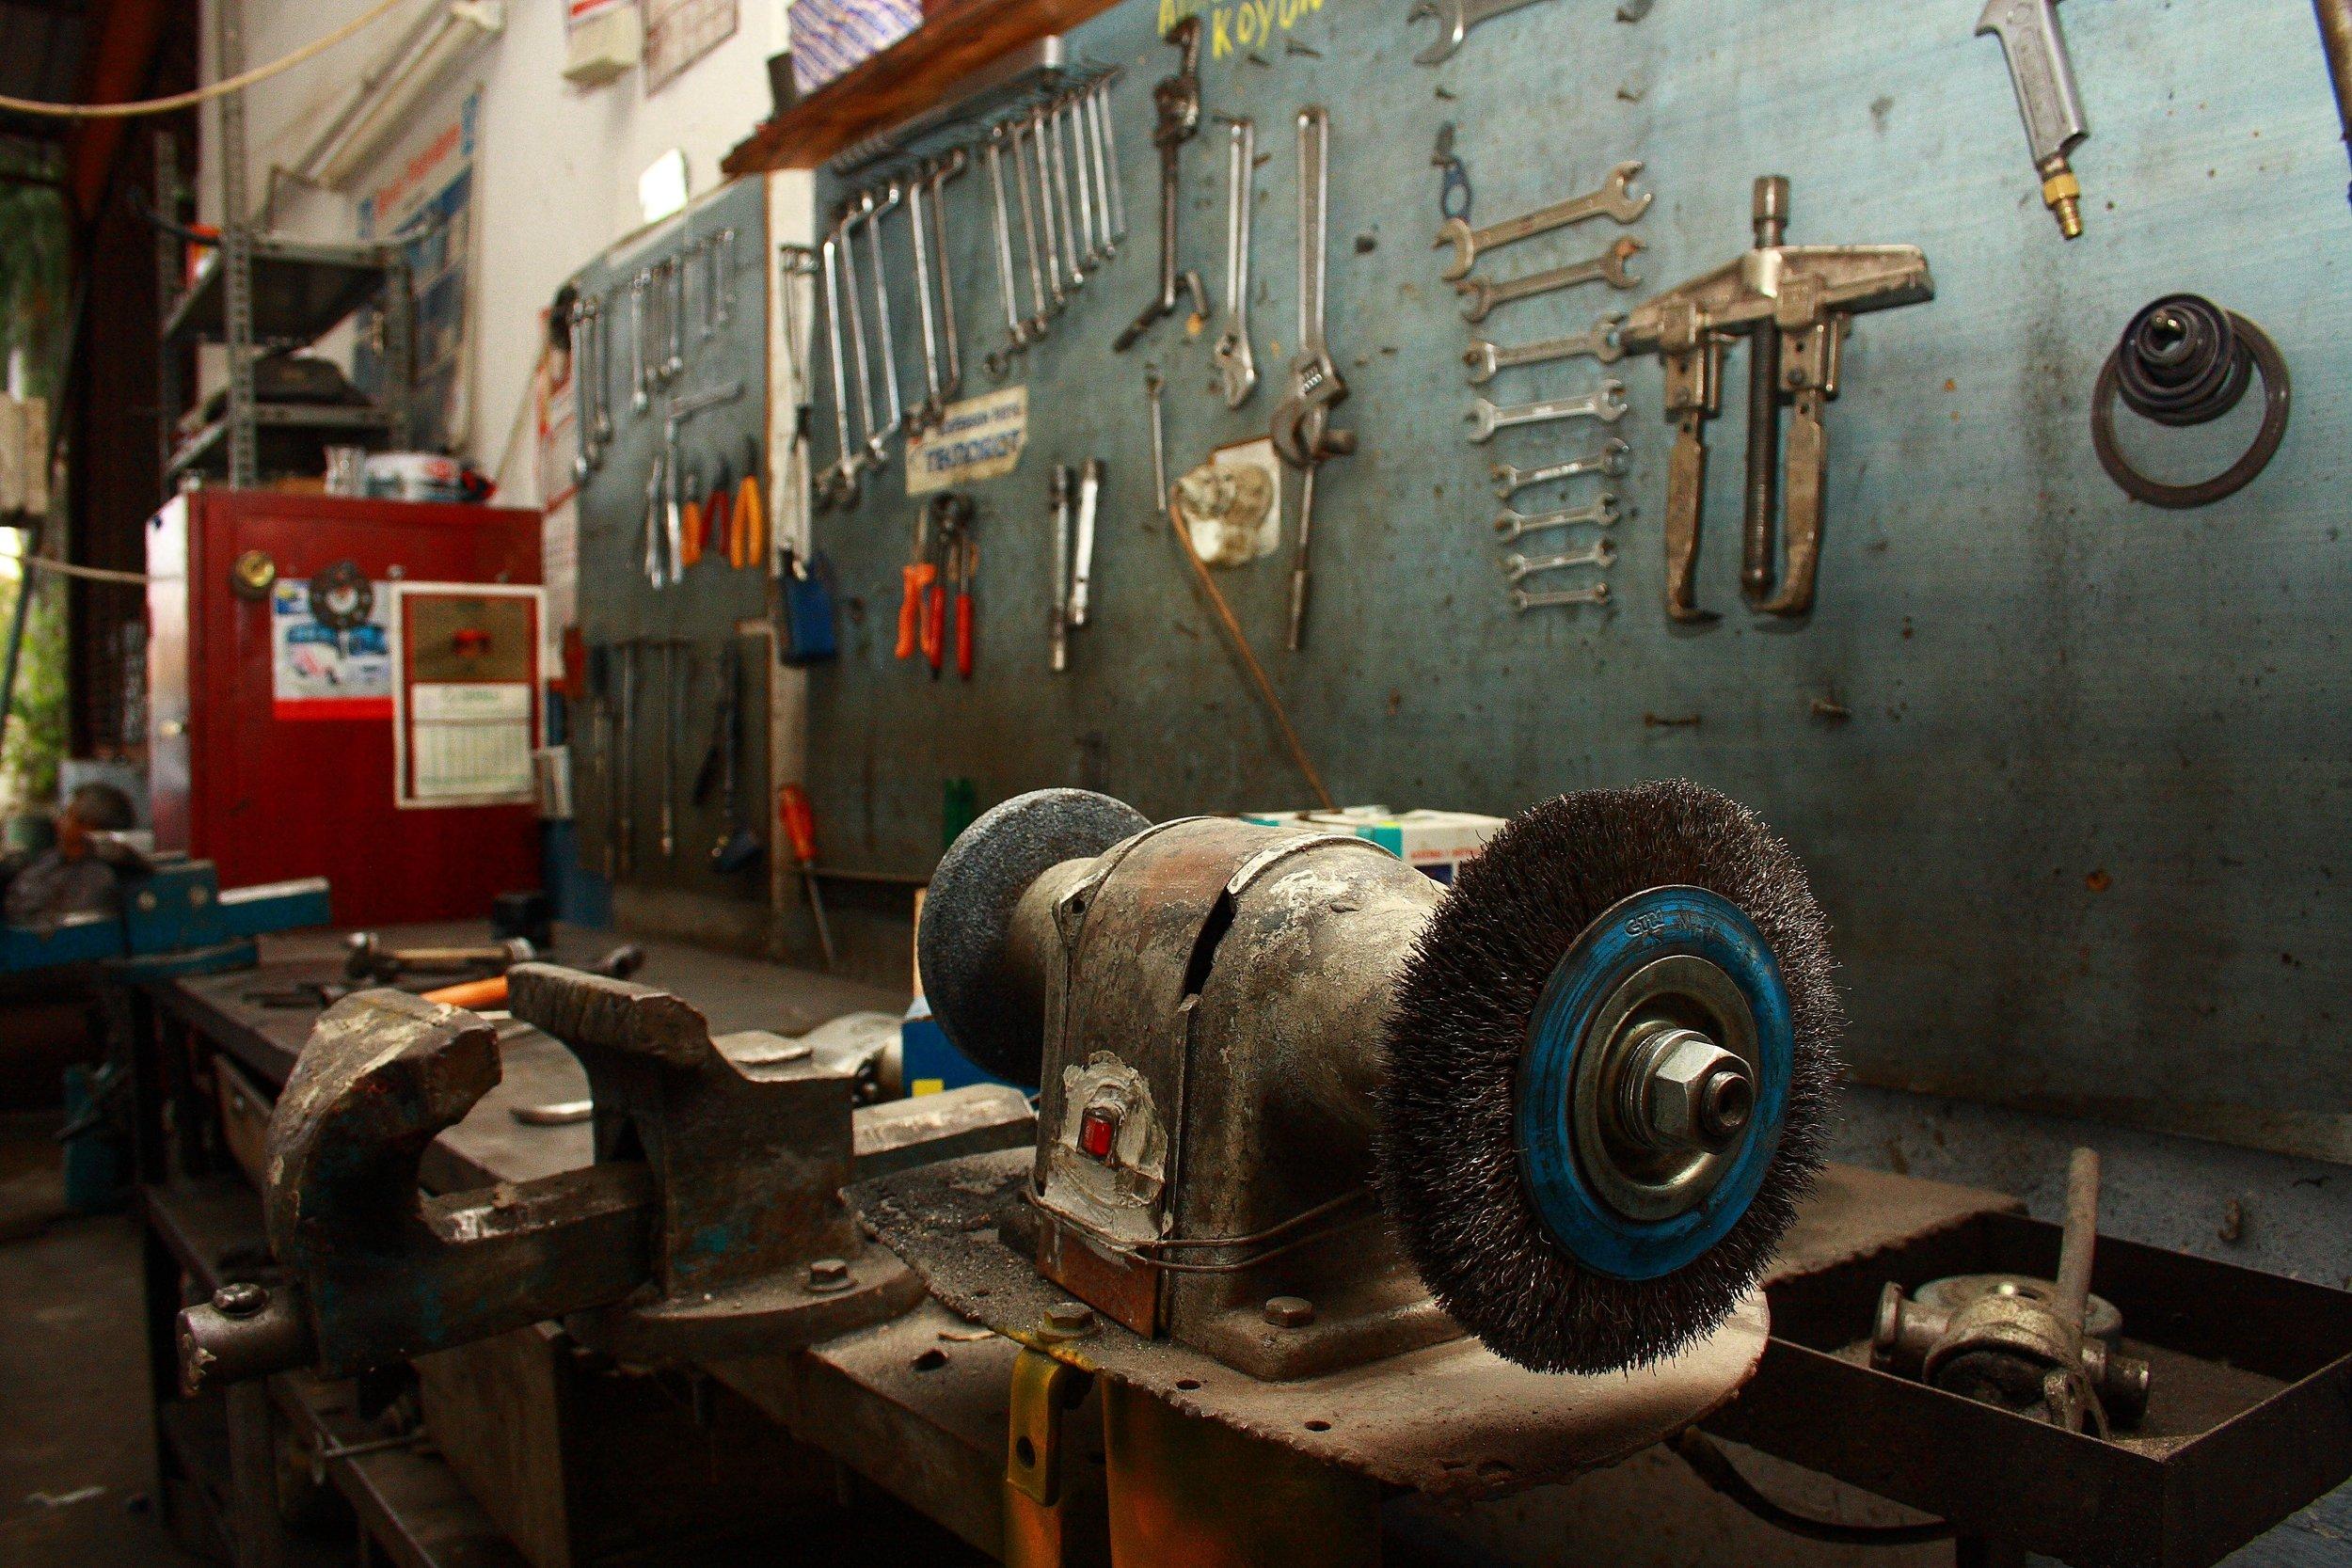 indoors-iron-machine-1571736.jpg